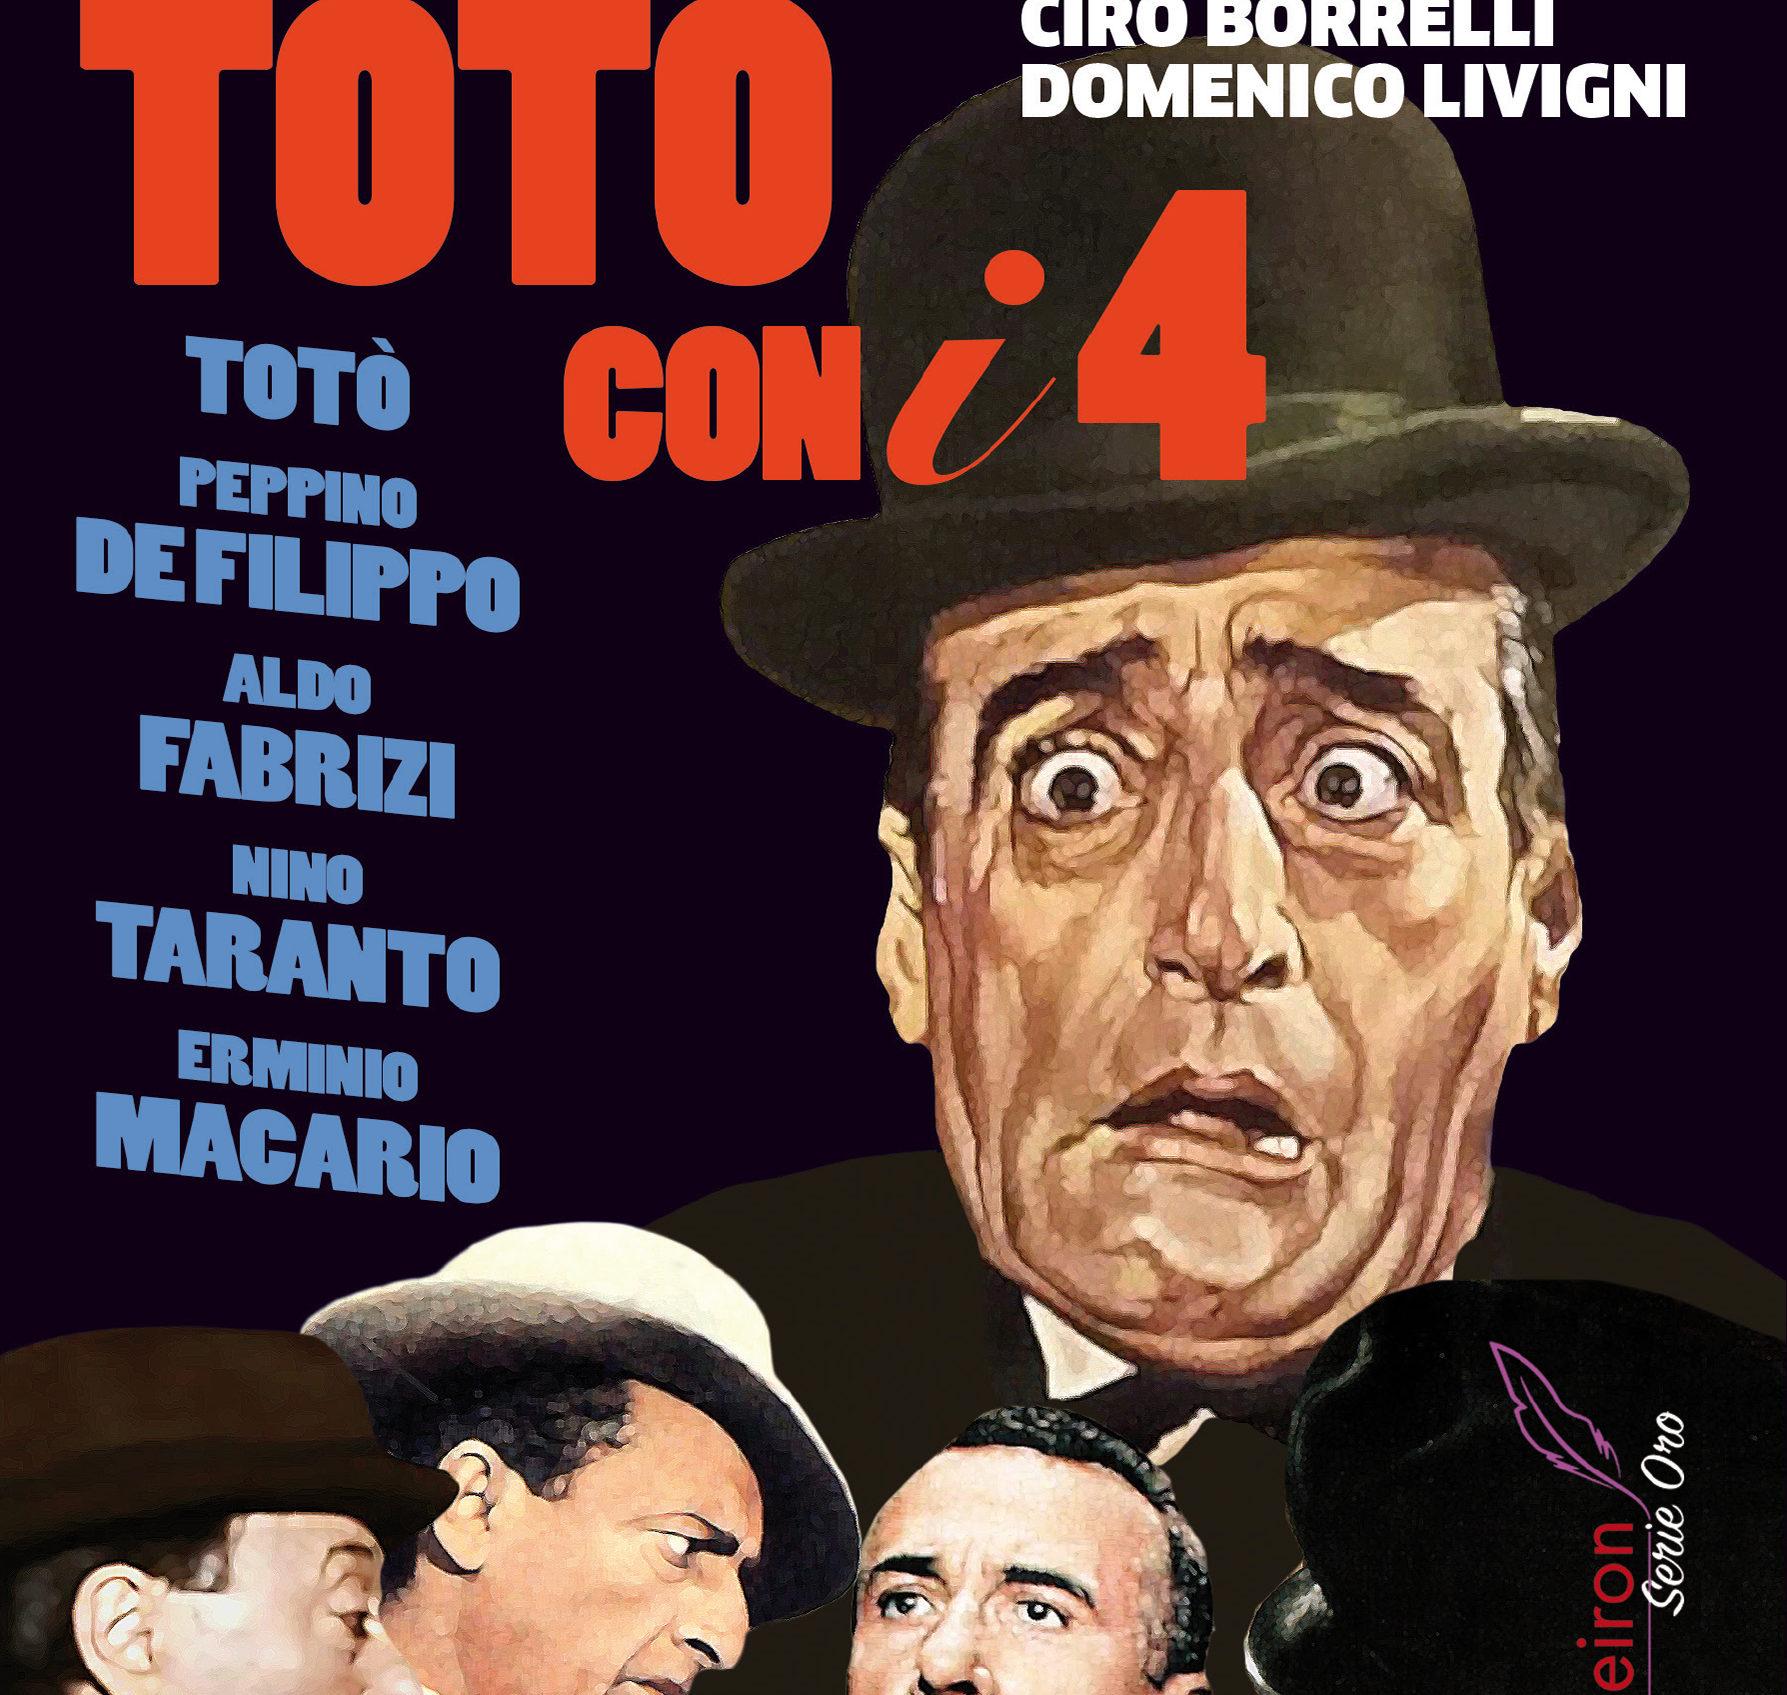 """""""Totò con i quattro"""" di Ciro Borrelli e Domenico Livigni alla Libreria Raffaello"""